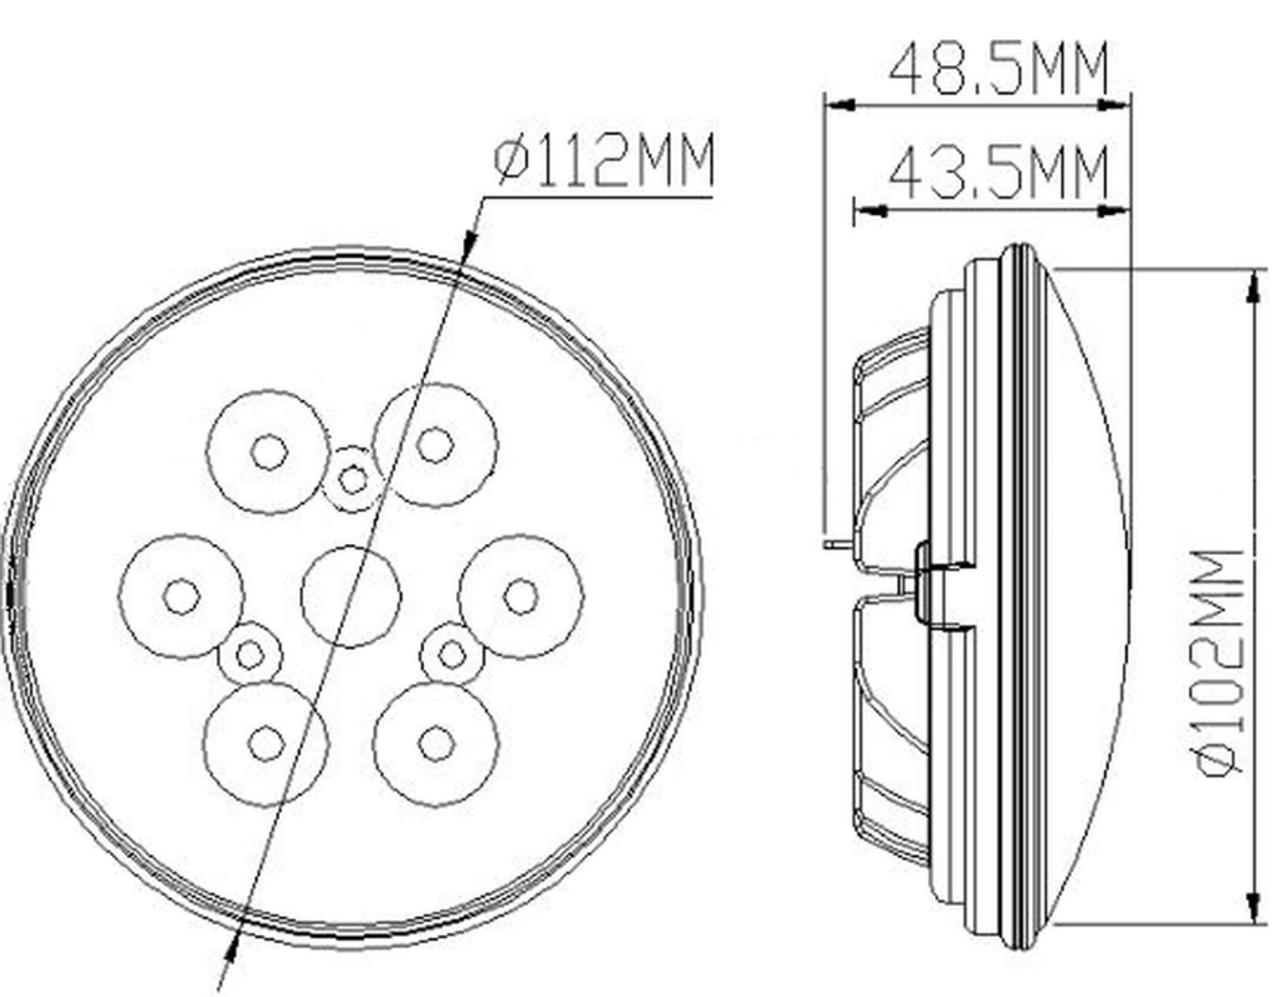 Marinebeam Spreader Light PAR36 Dimensions